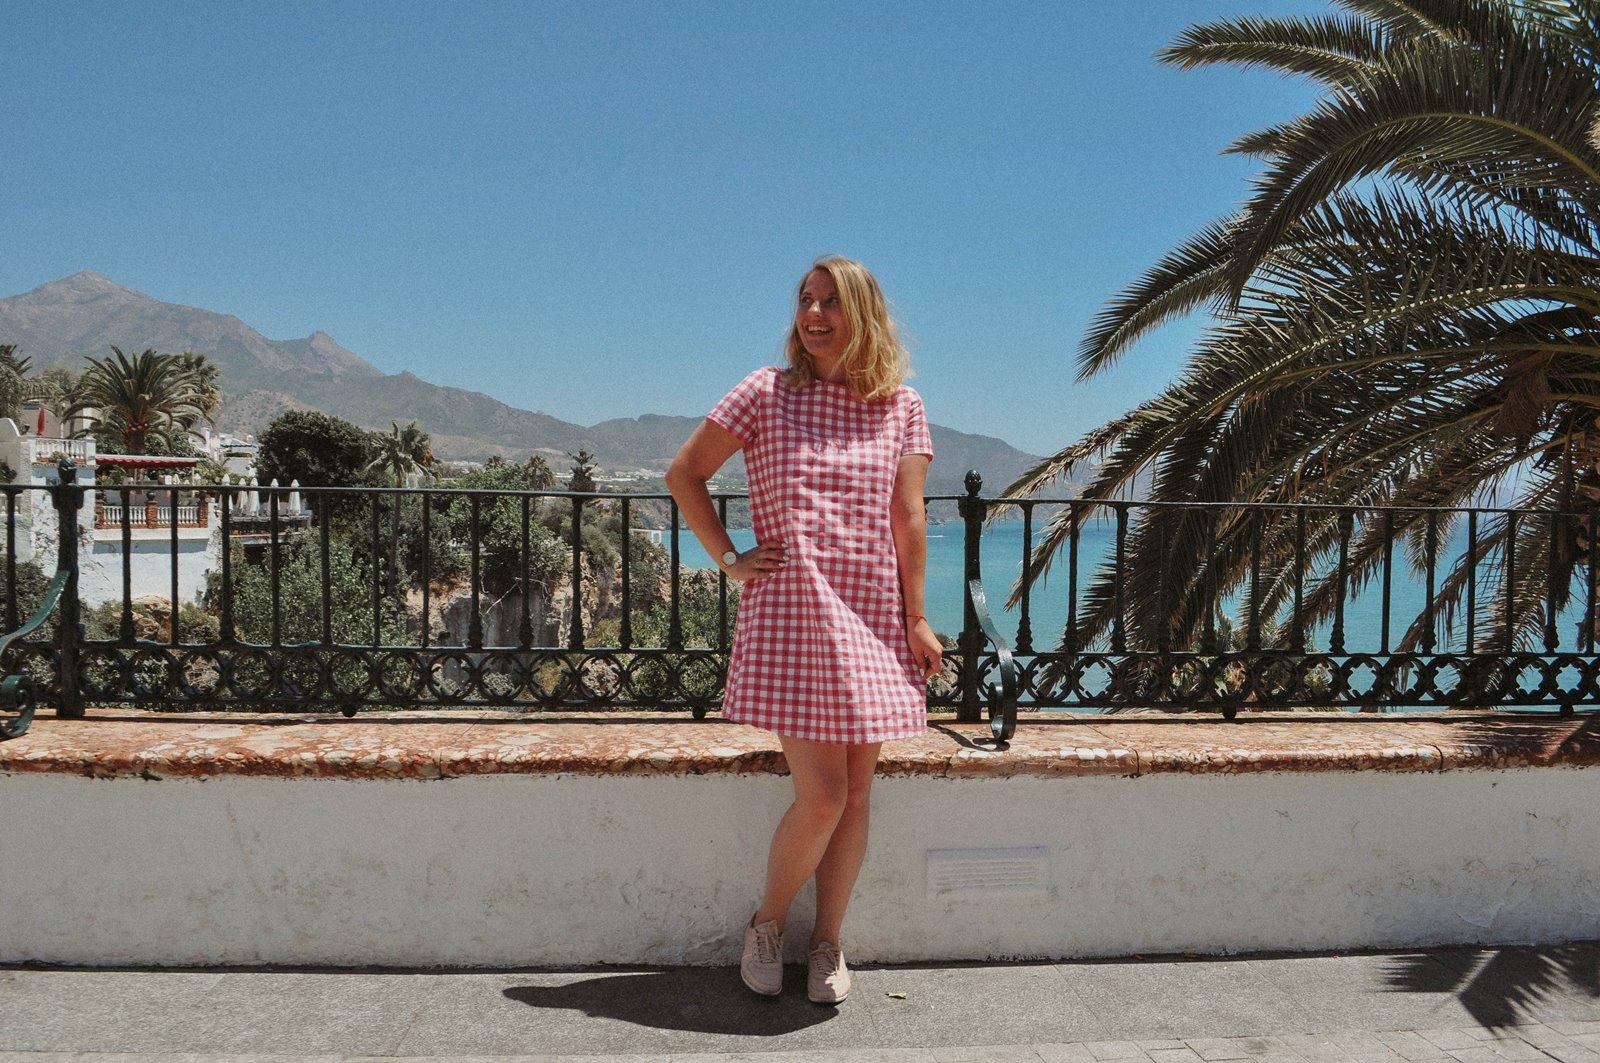 1 sukienka dziewczęca krata ubrania dla mam i córek krata różowa sukienka trapez 100% handmade polskie marki wspieram polskie nosze blog modowy melodylaniella fashion beauty style łódź inspiracje hiszpania w co się ubrać